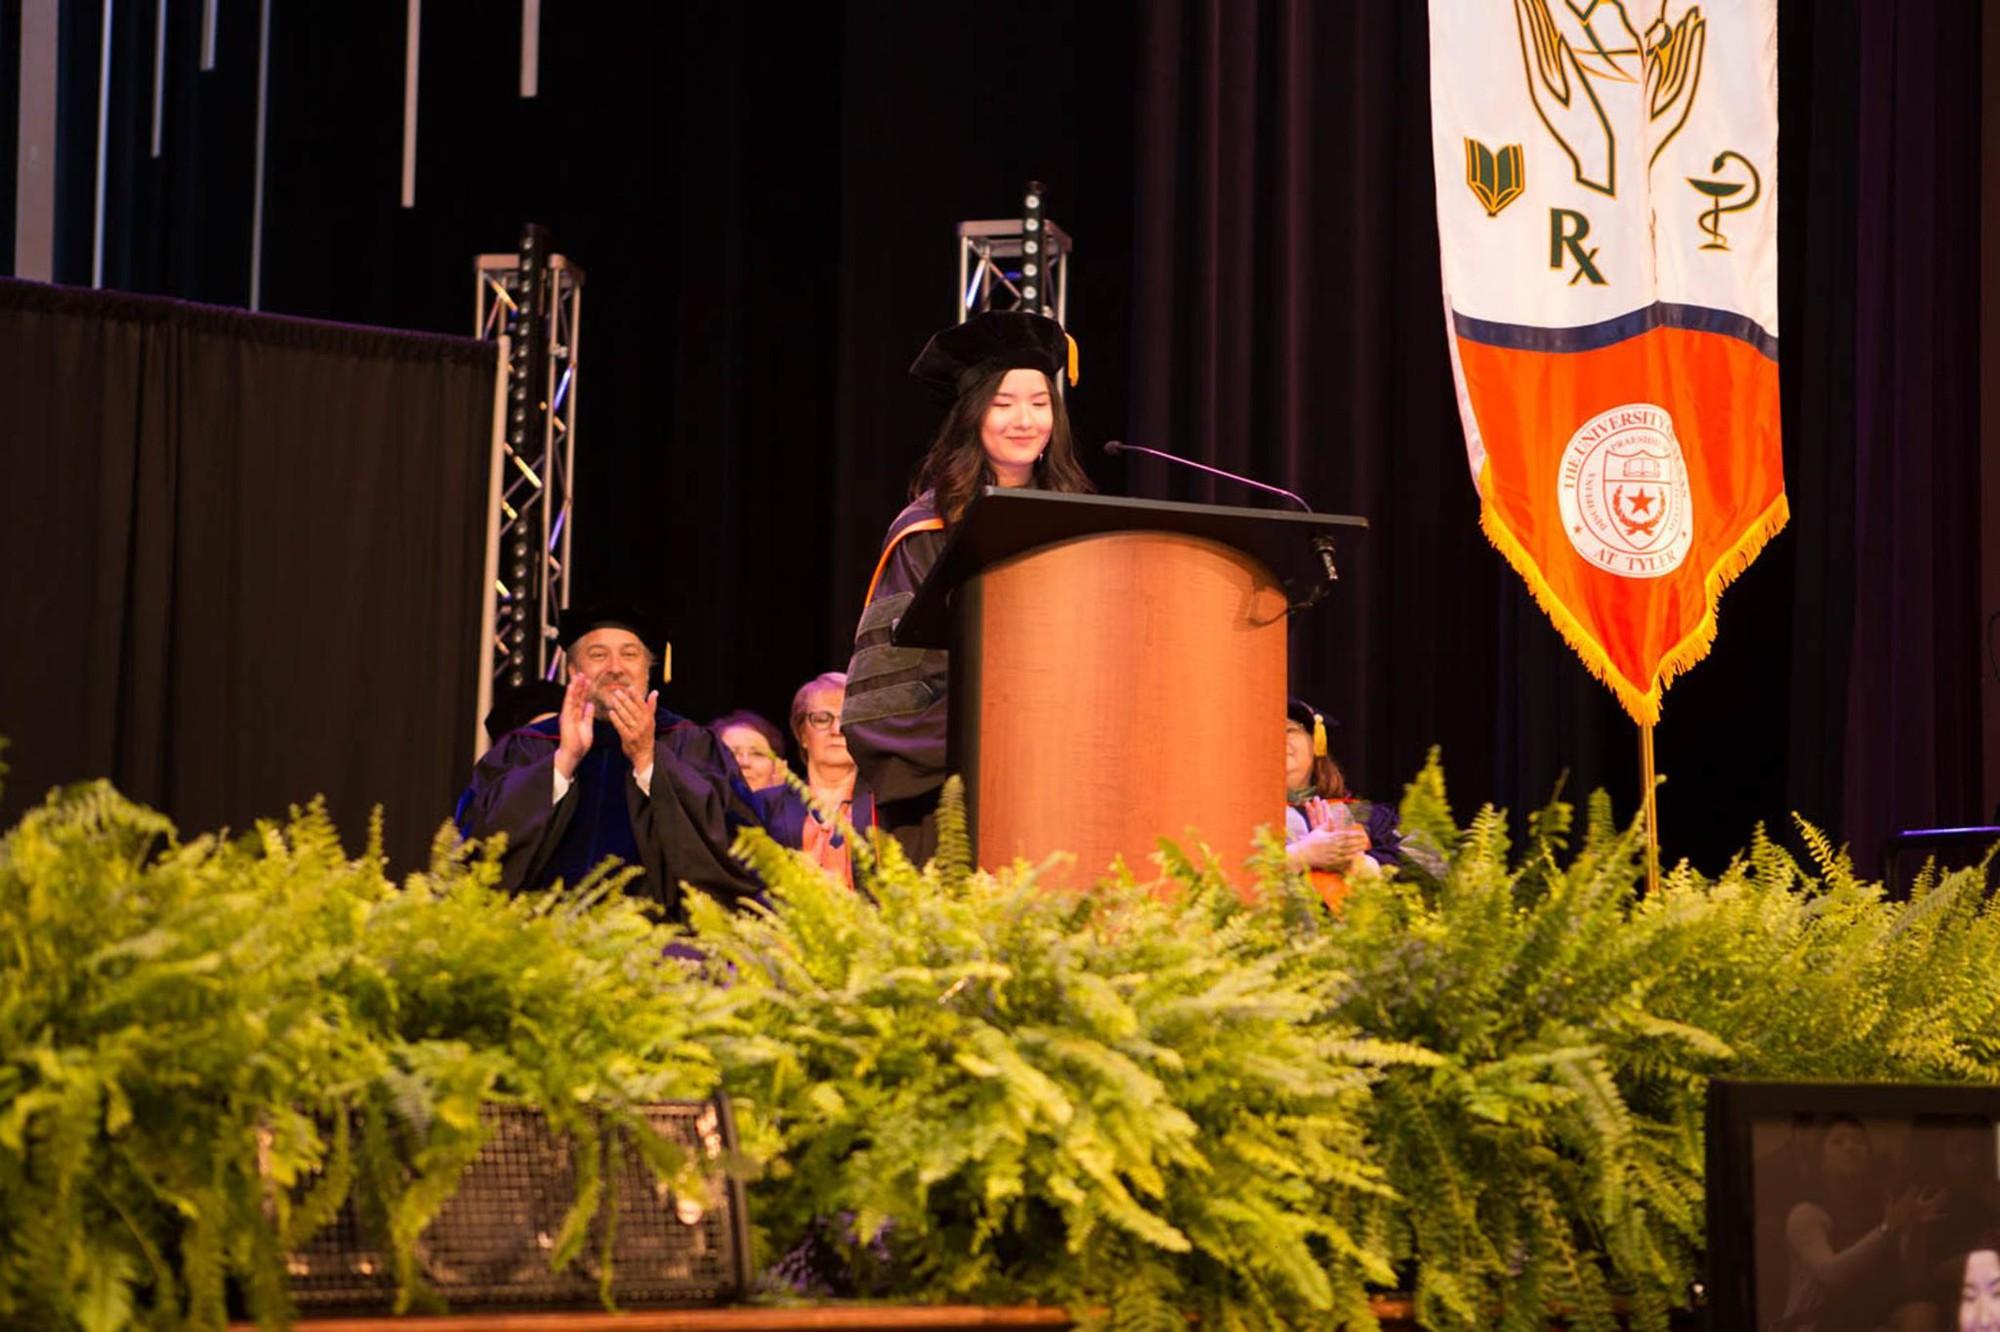 Lần đầu tiên có nữ du học sinh Việt tốt nghiệp thủ khoa ngành Dược một trường Đại học lớn tại Mỹ-1